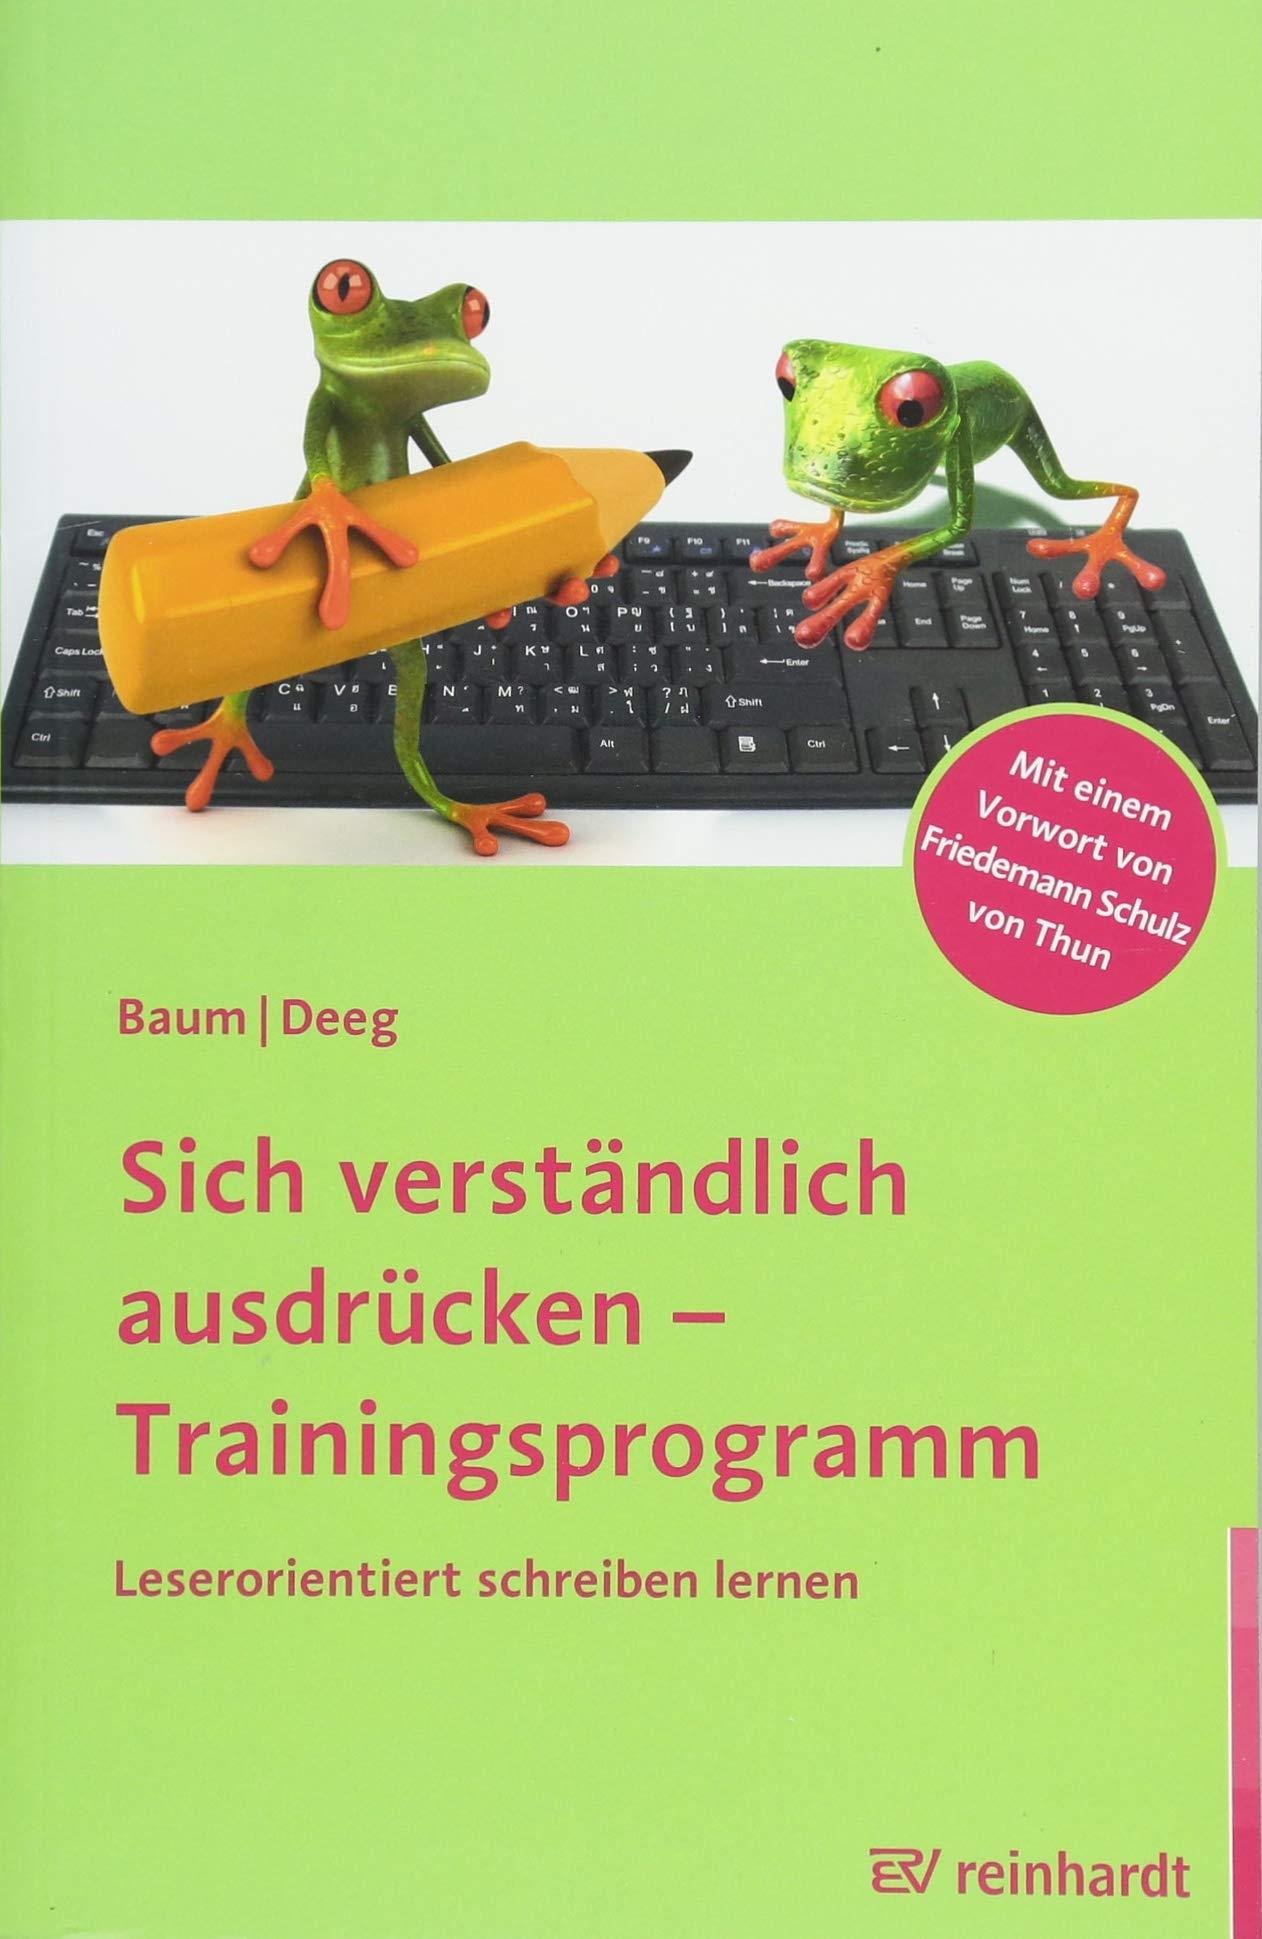 Sich verständlich ausdrücken – Trainingsprogramm: Leserorientiert schreiben lernen Taschenbuch – 5. März 2018 Katrin Baum Cornelia Deeg Ernst Reinhardt Verlag 3497027391